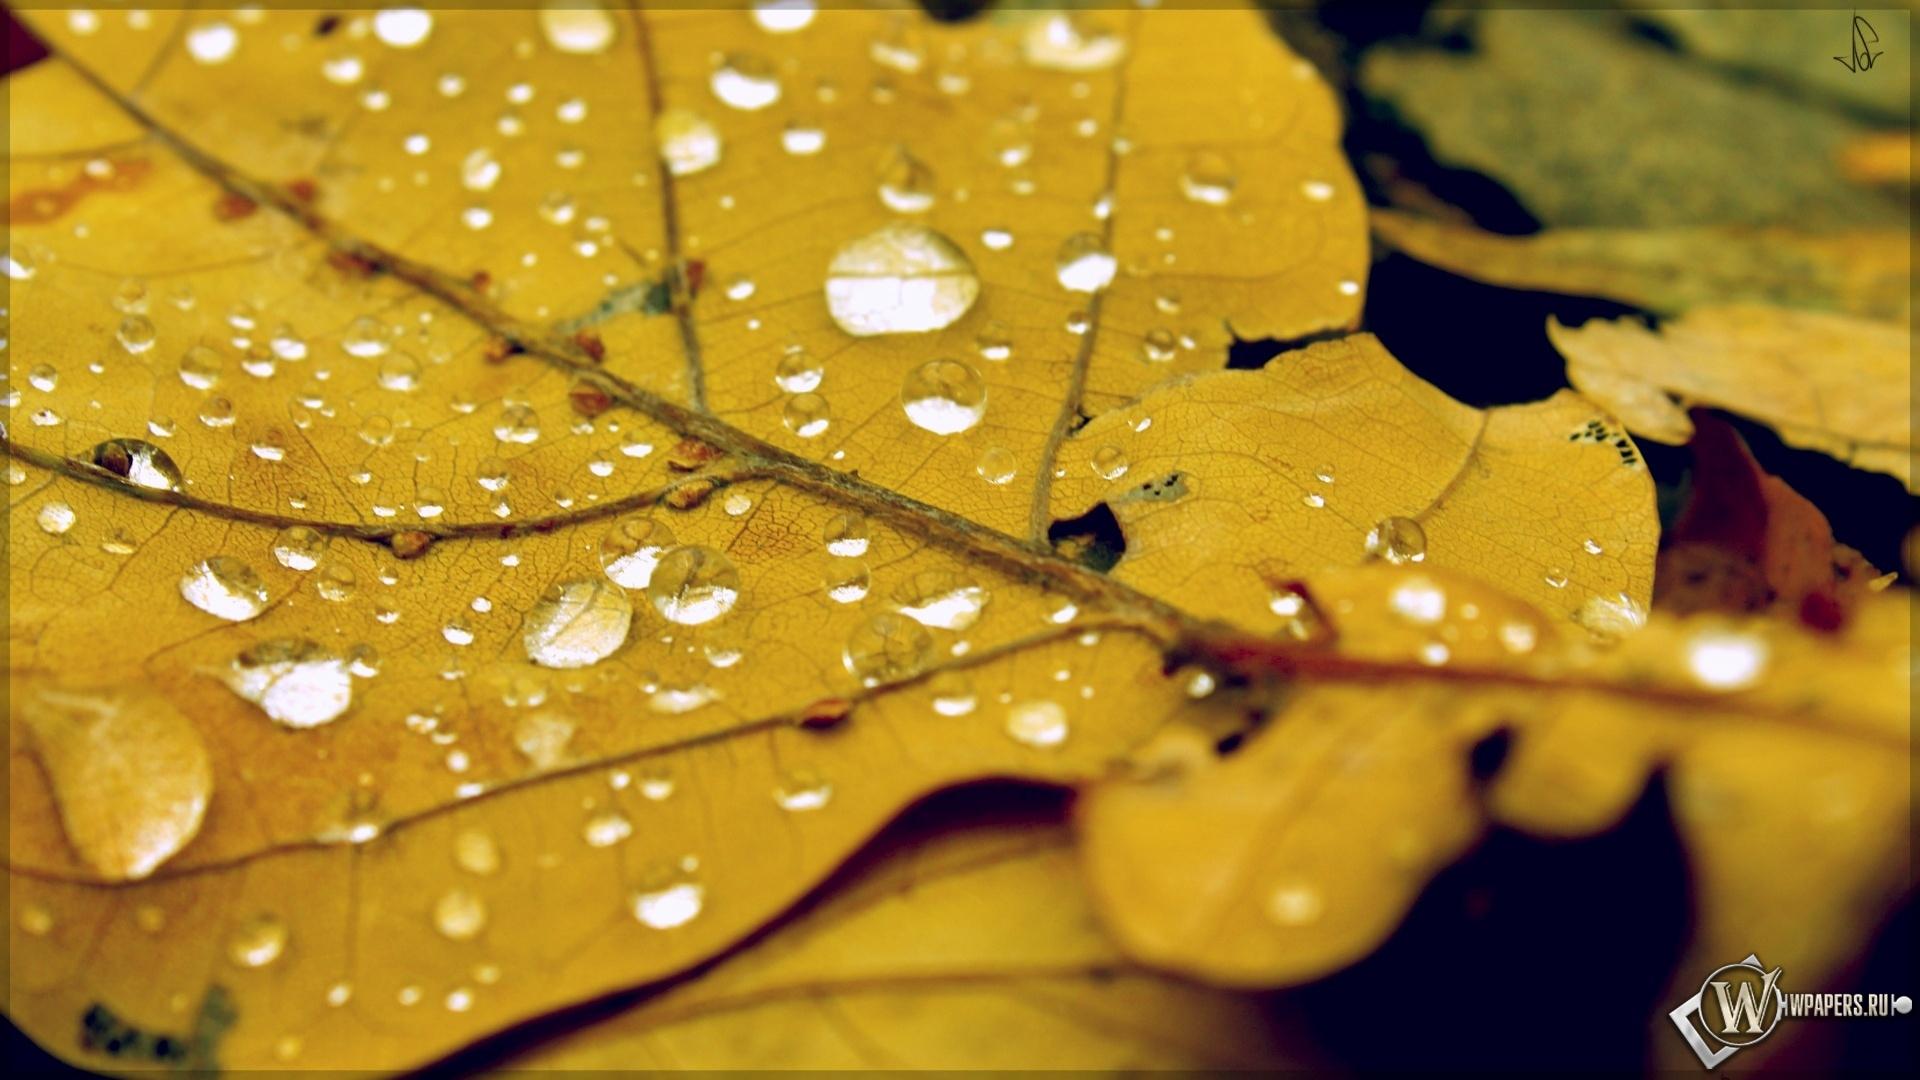 Осенний лист 1920x1080